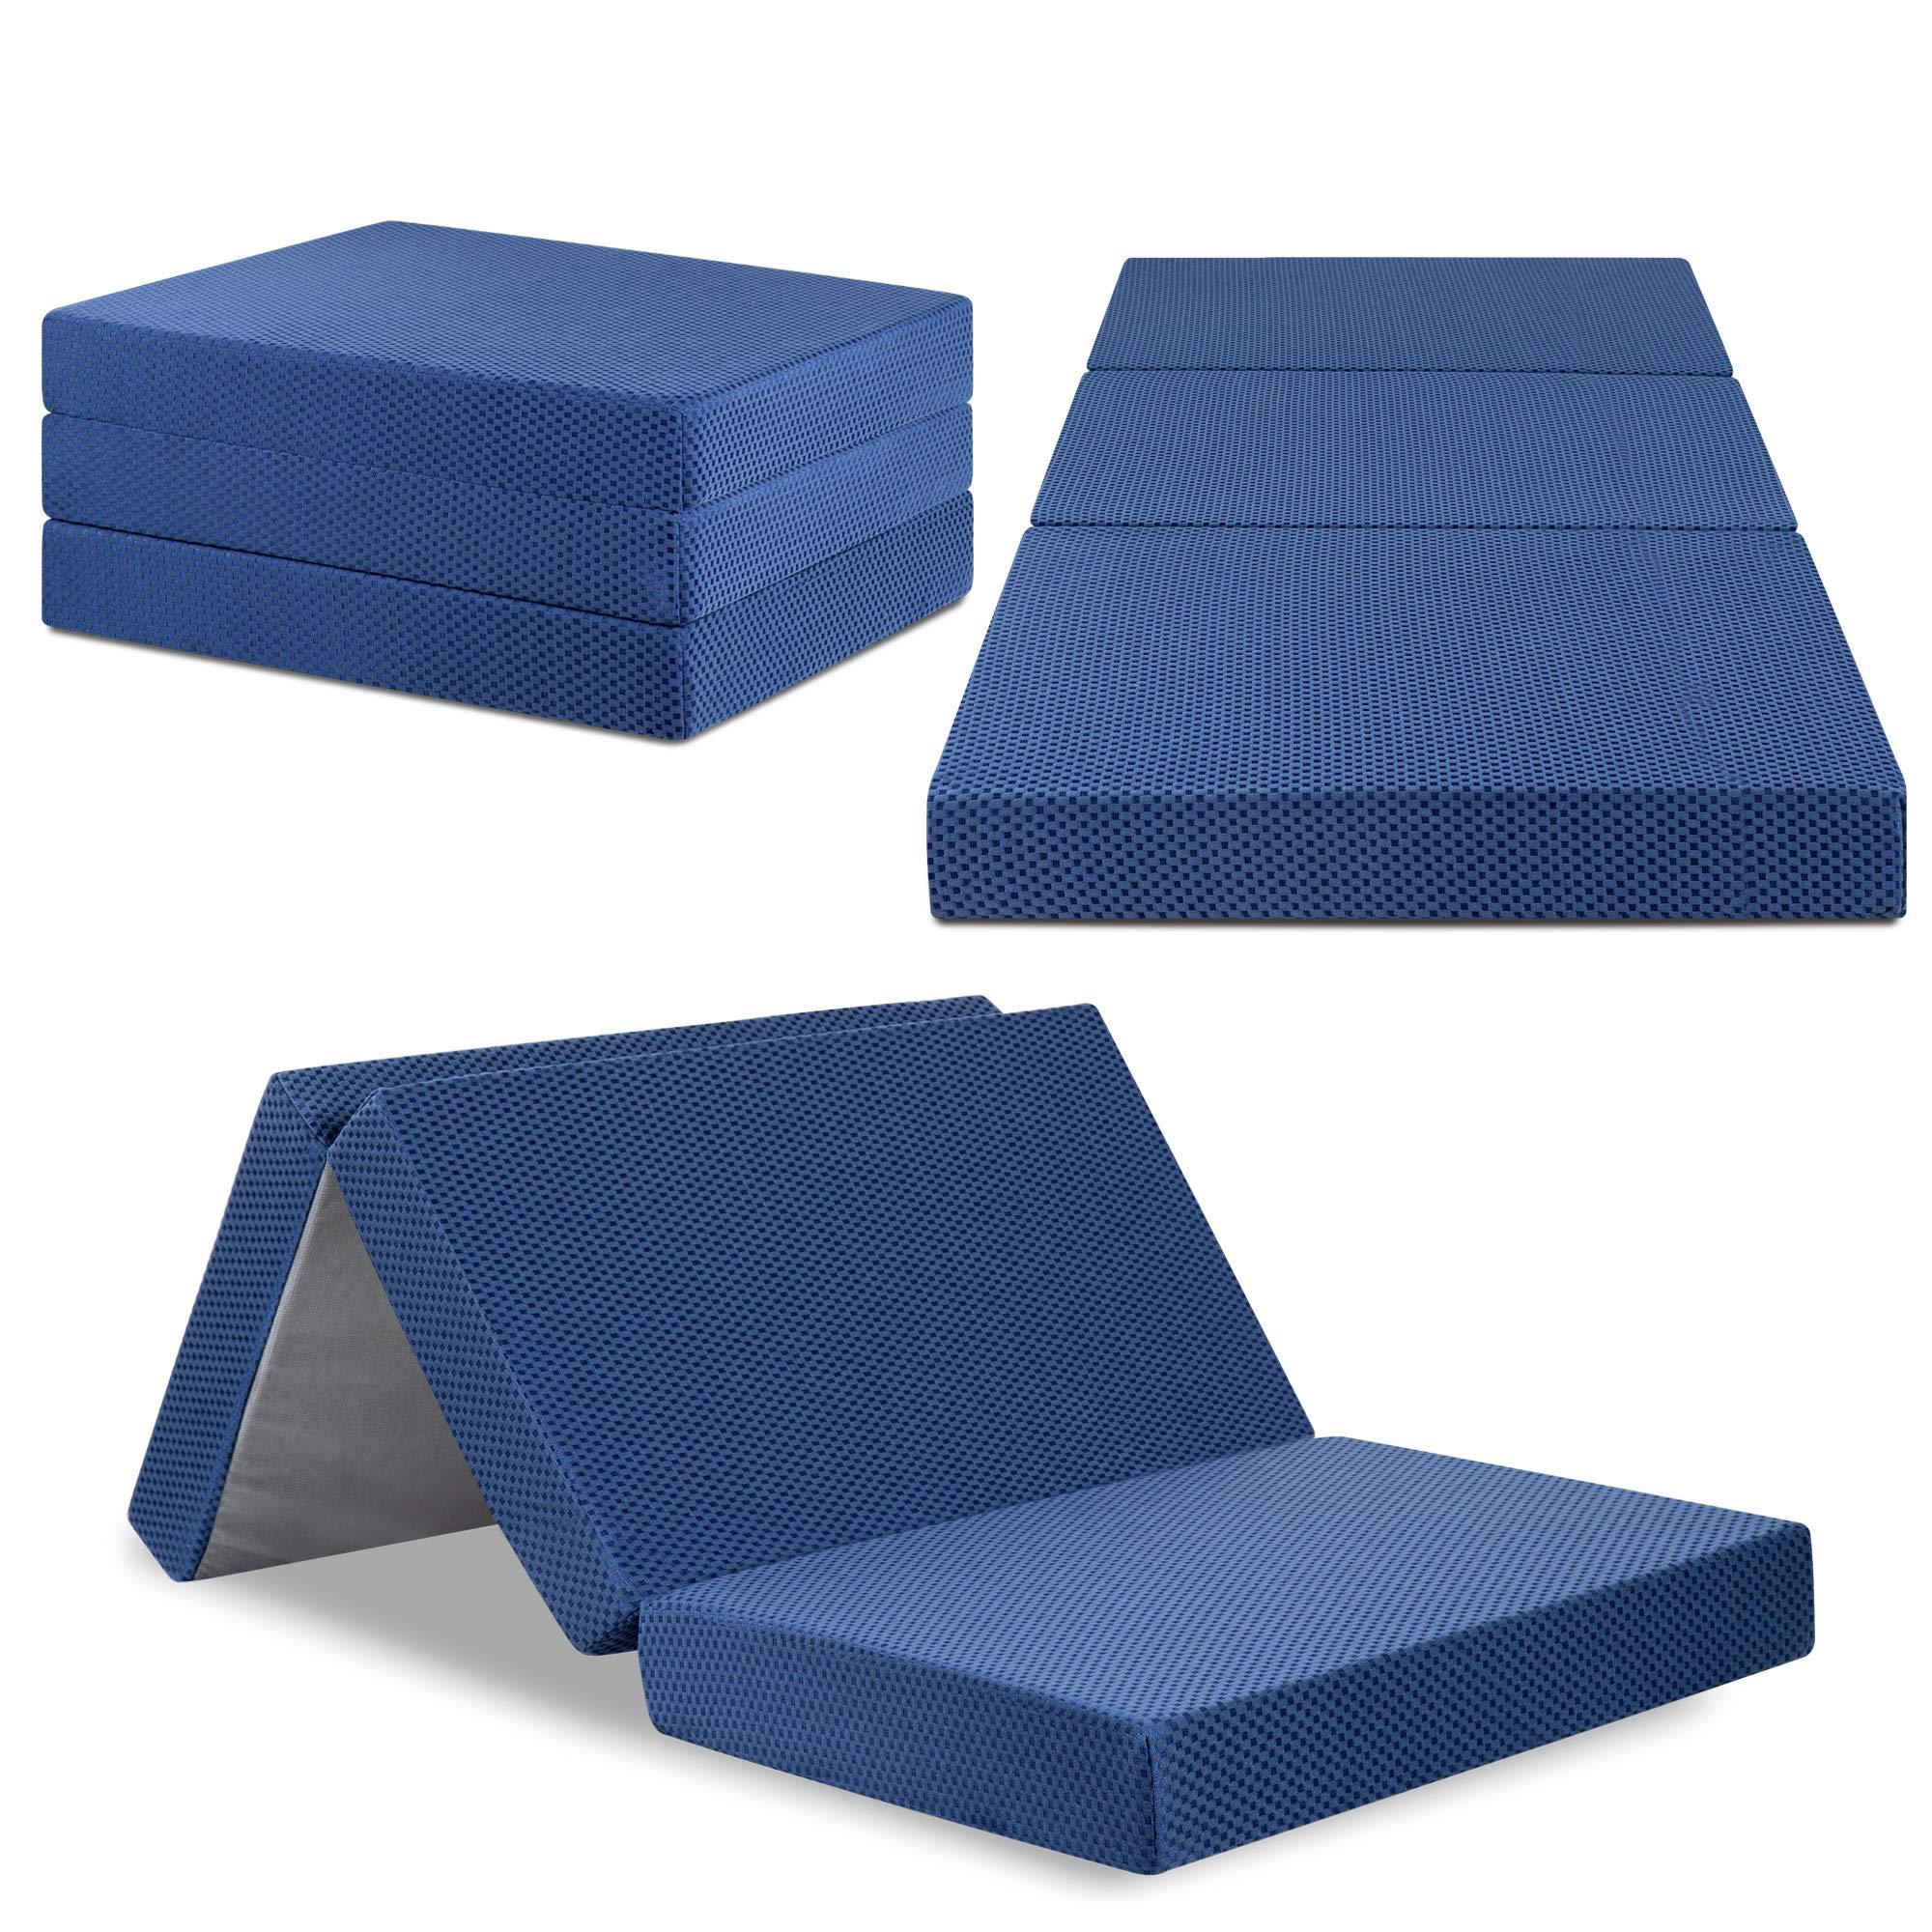 Olee Sleep VC04TM02T Tri-Folding Memory Foam Mattress (TWIN, 38'' x 78'')